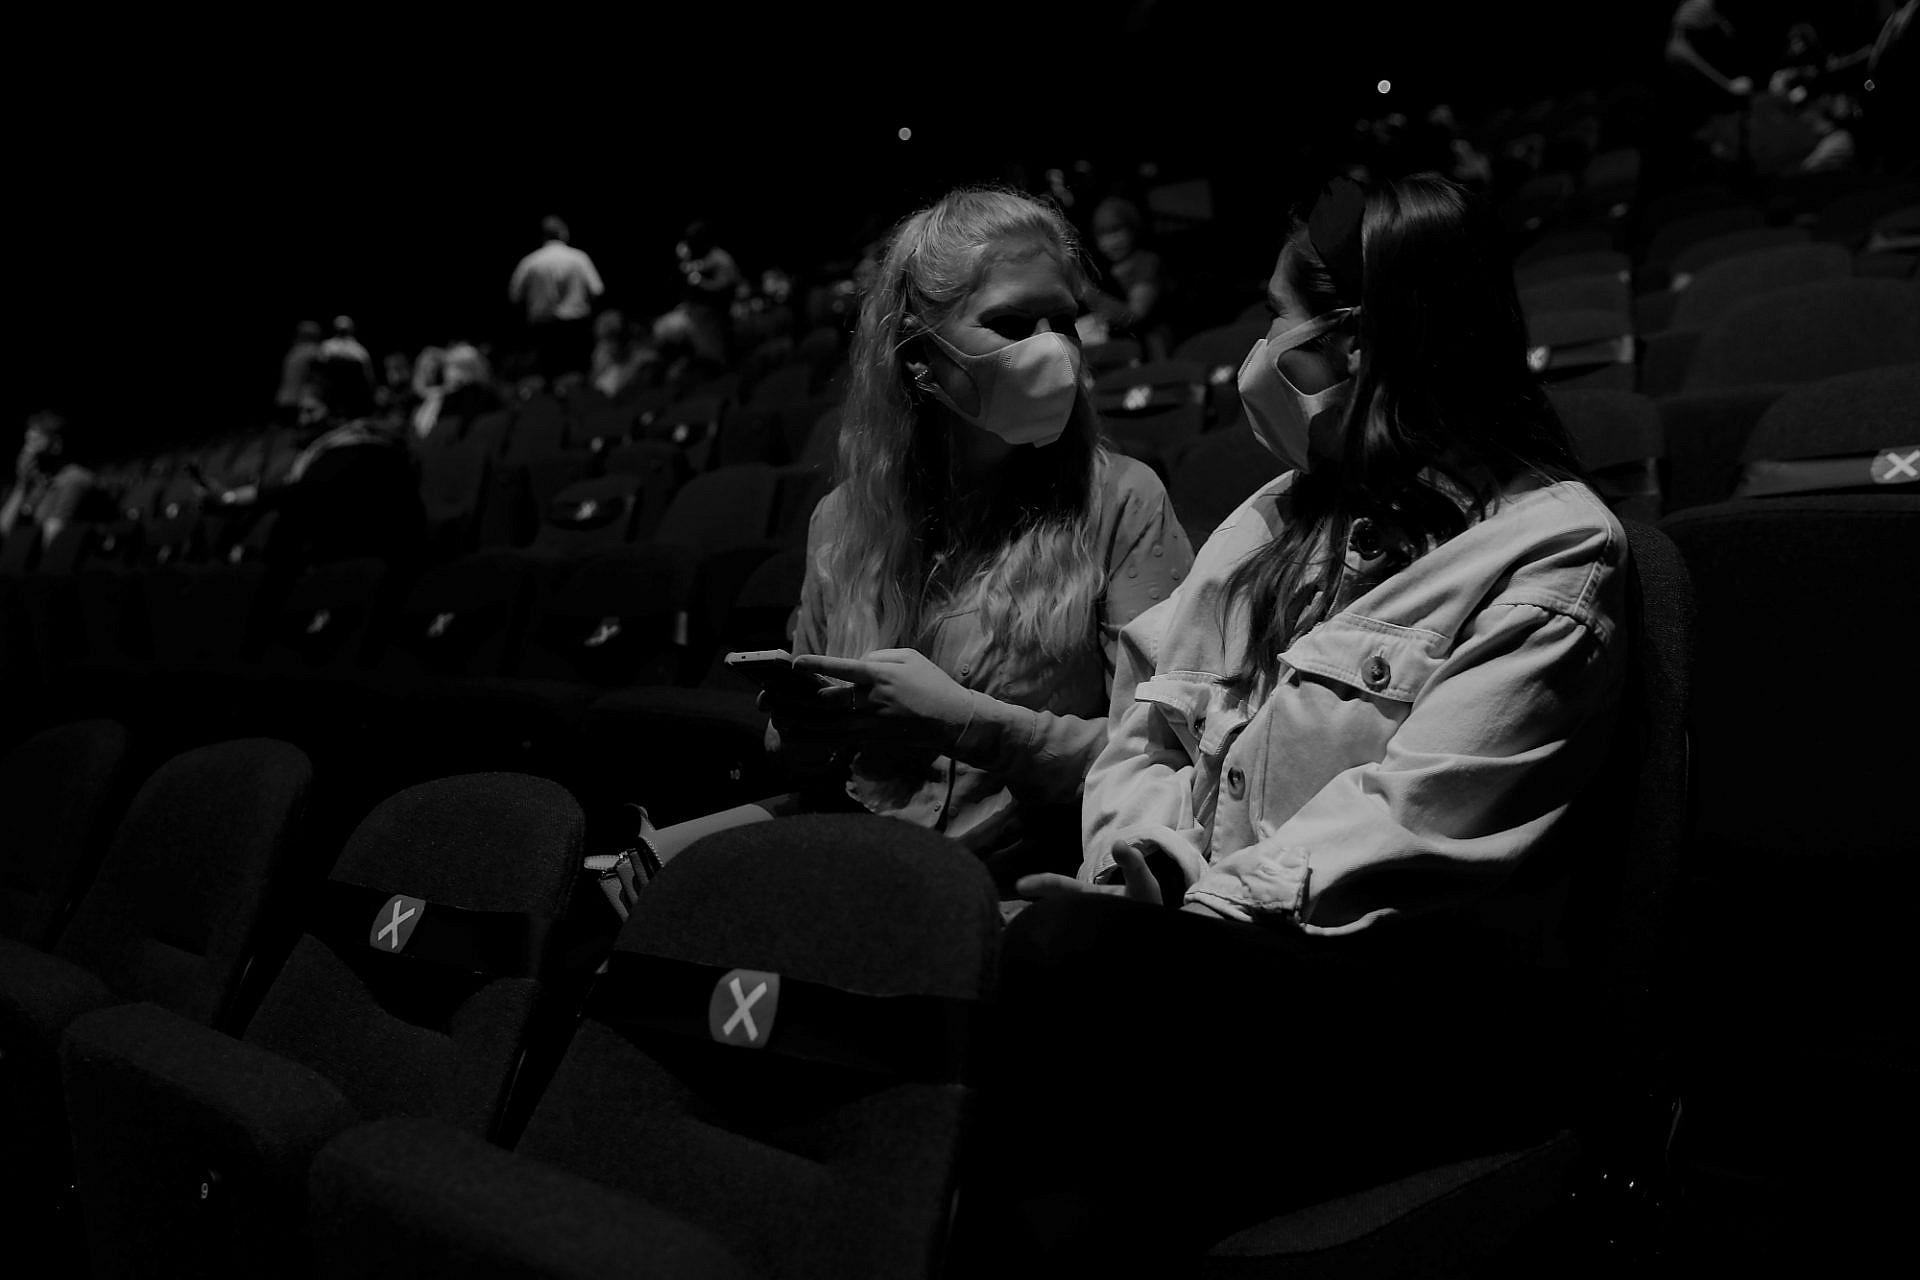 חצי שנה של קיפאון קולנועי. שתי צופות מאושרות עם פתיחת בתי הקולנוע בלונדון, אוגוסט 2020 (צילום: גטי אימג'ס)